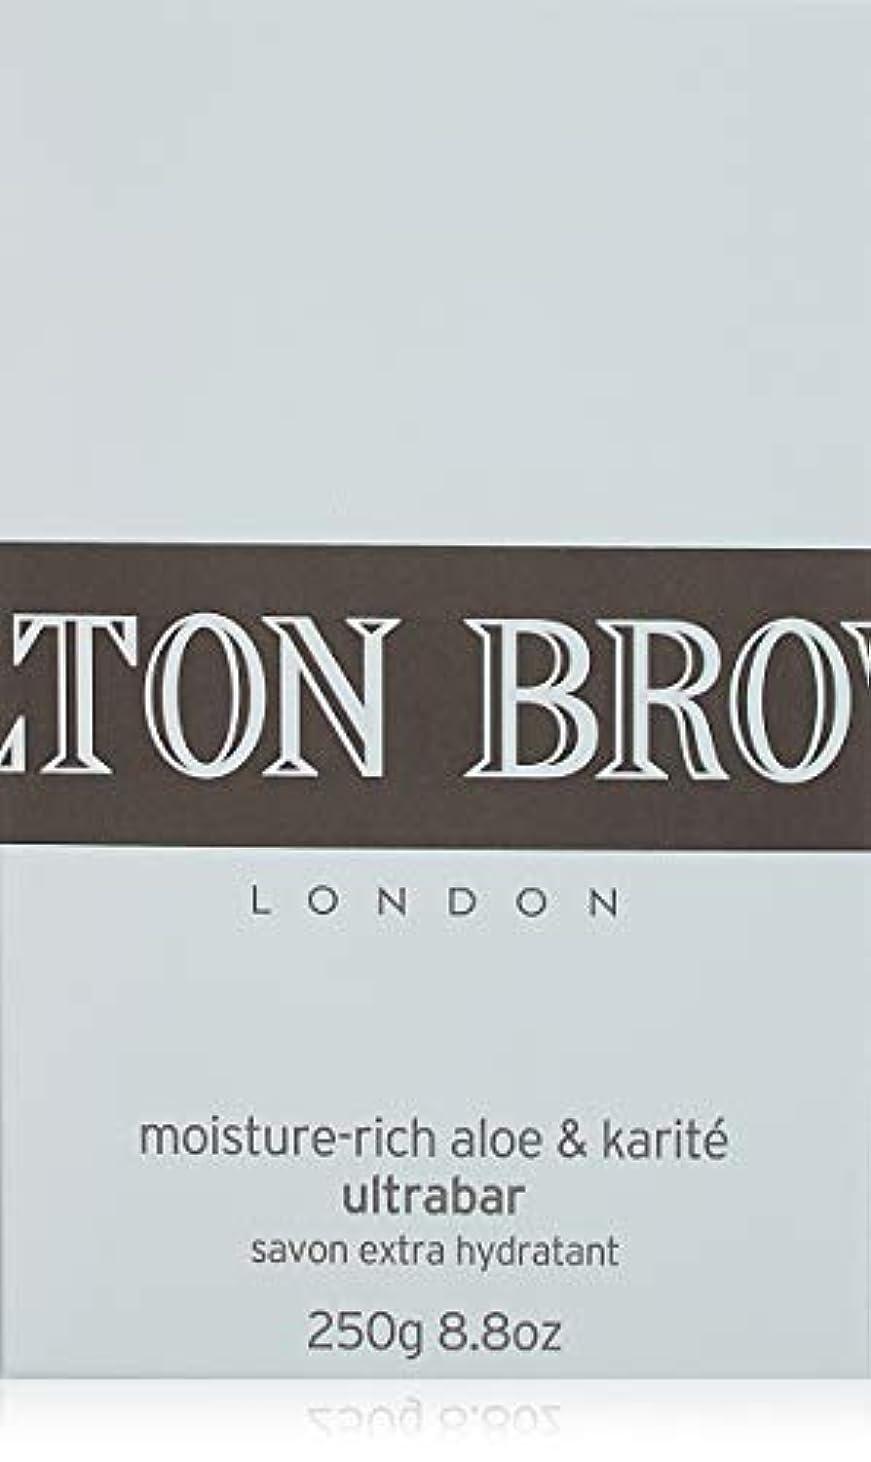 労働ミスより多いMOLTON BROWN(モルトンブラウン) モイスチャーリッチ アロエ&カリテ ウルトラバー